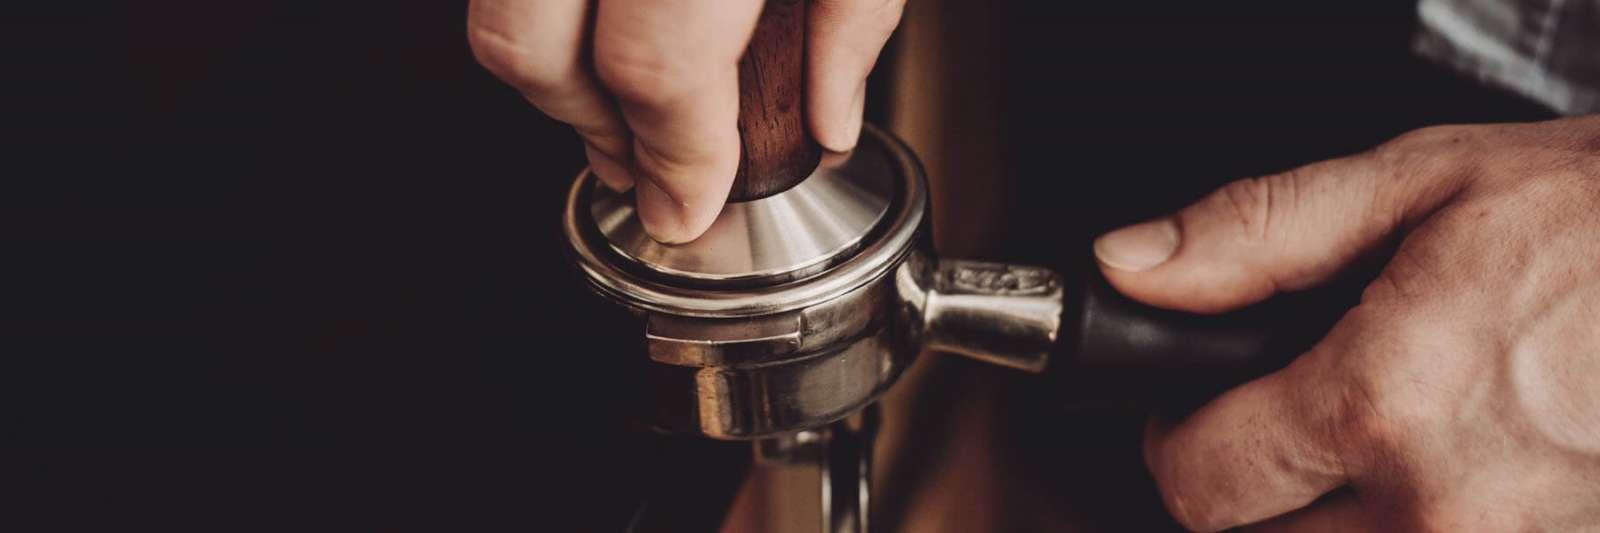 Espressozubehör